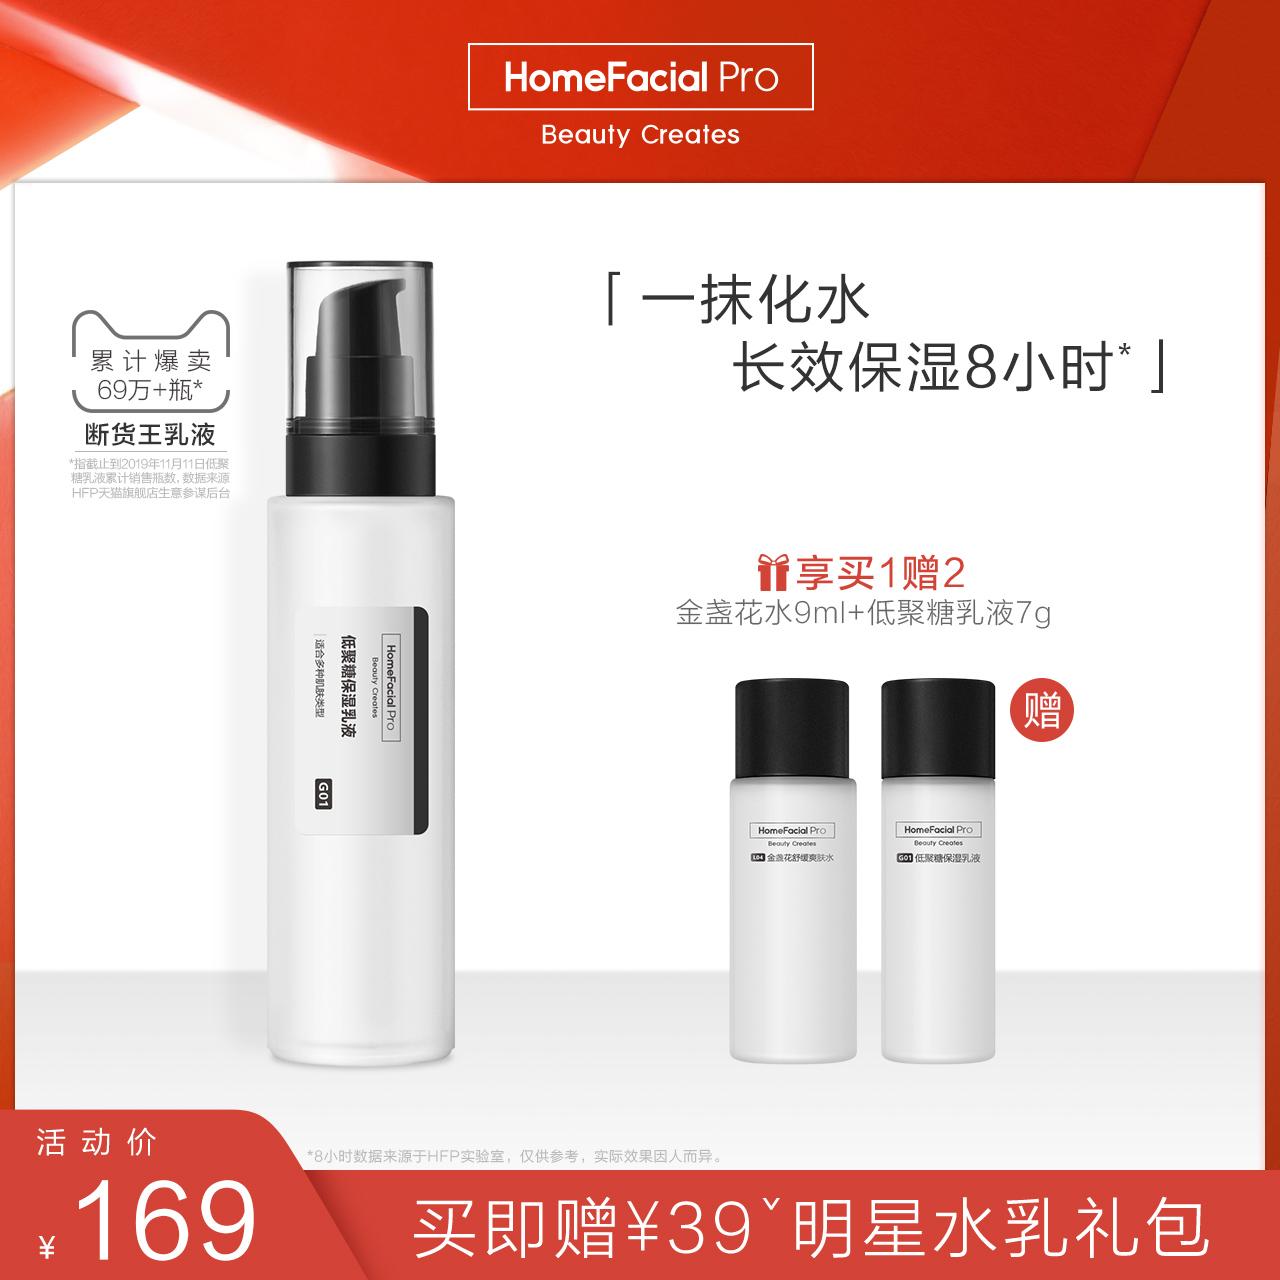 HFP低聚糖保湿乳液 清爽不油腻水乳滋润补水面霜能量乳护肤品男女